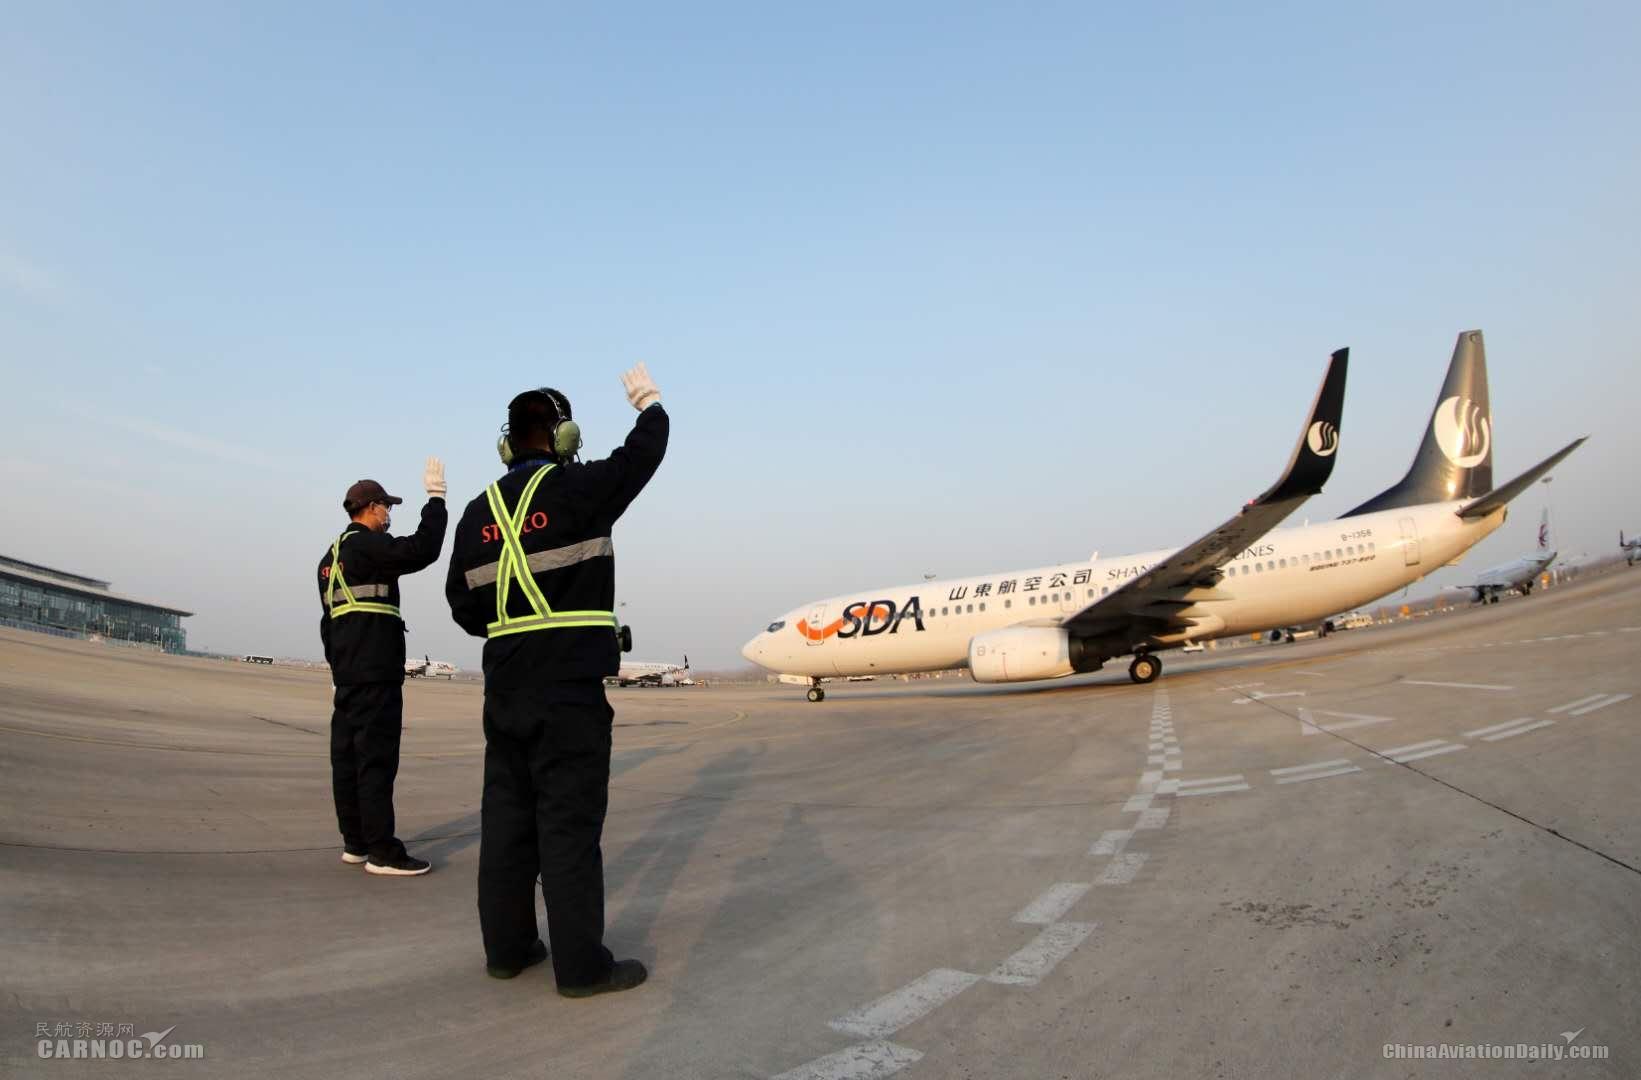 山东航空免费为旅客提供新冠肺炎保险